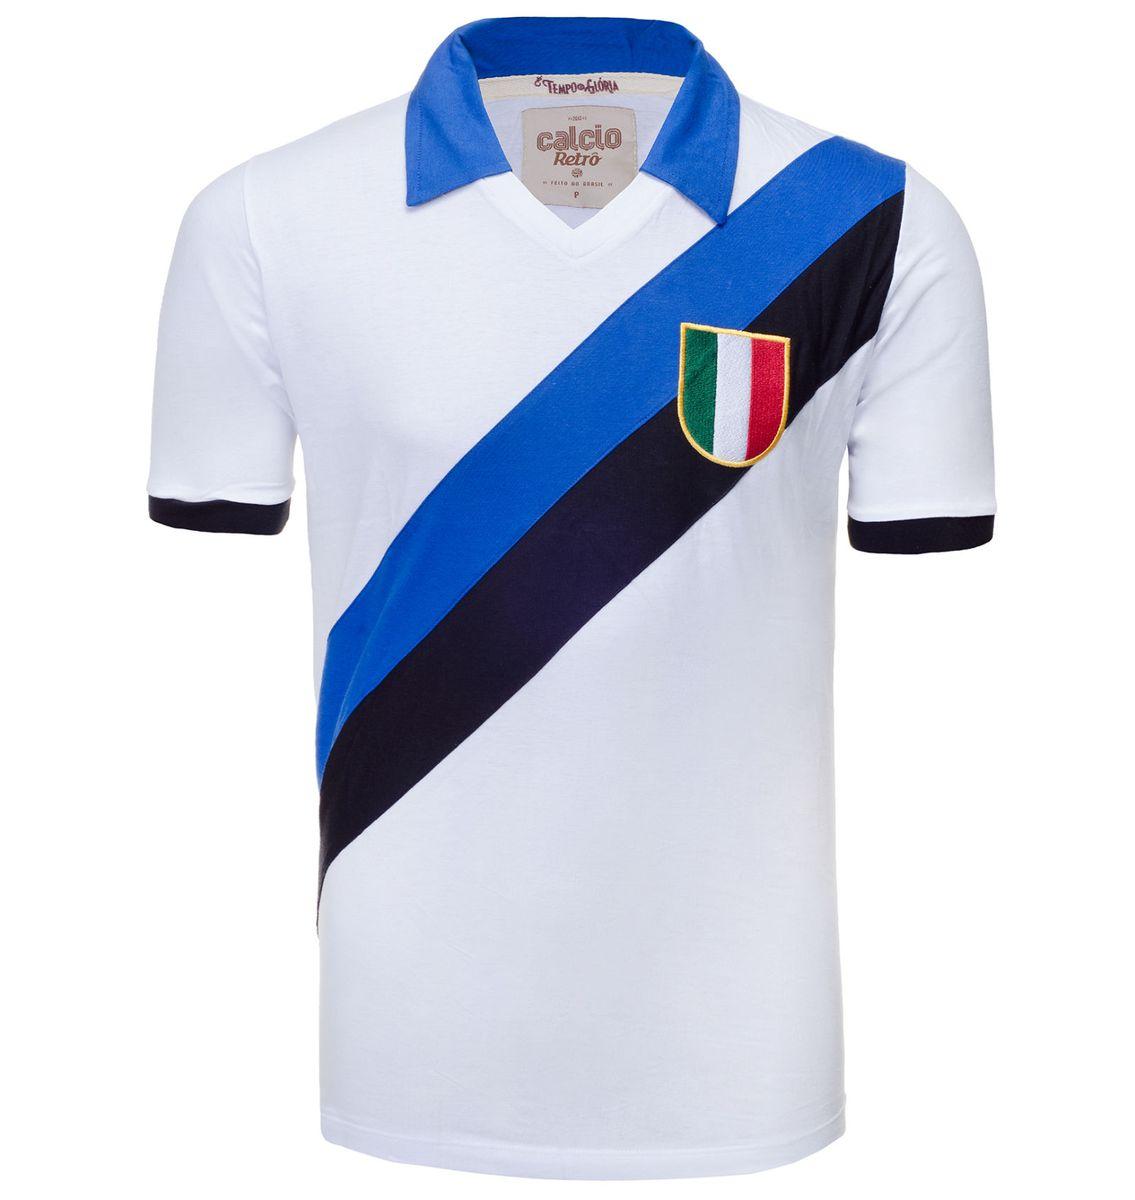 6bbf618aba camisa retrô - inter milão 1950 - branca - esportes calcio-retro